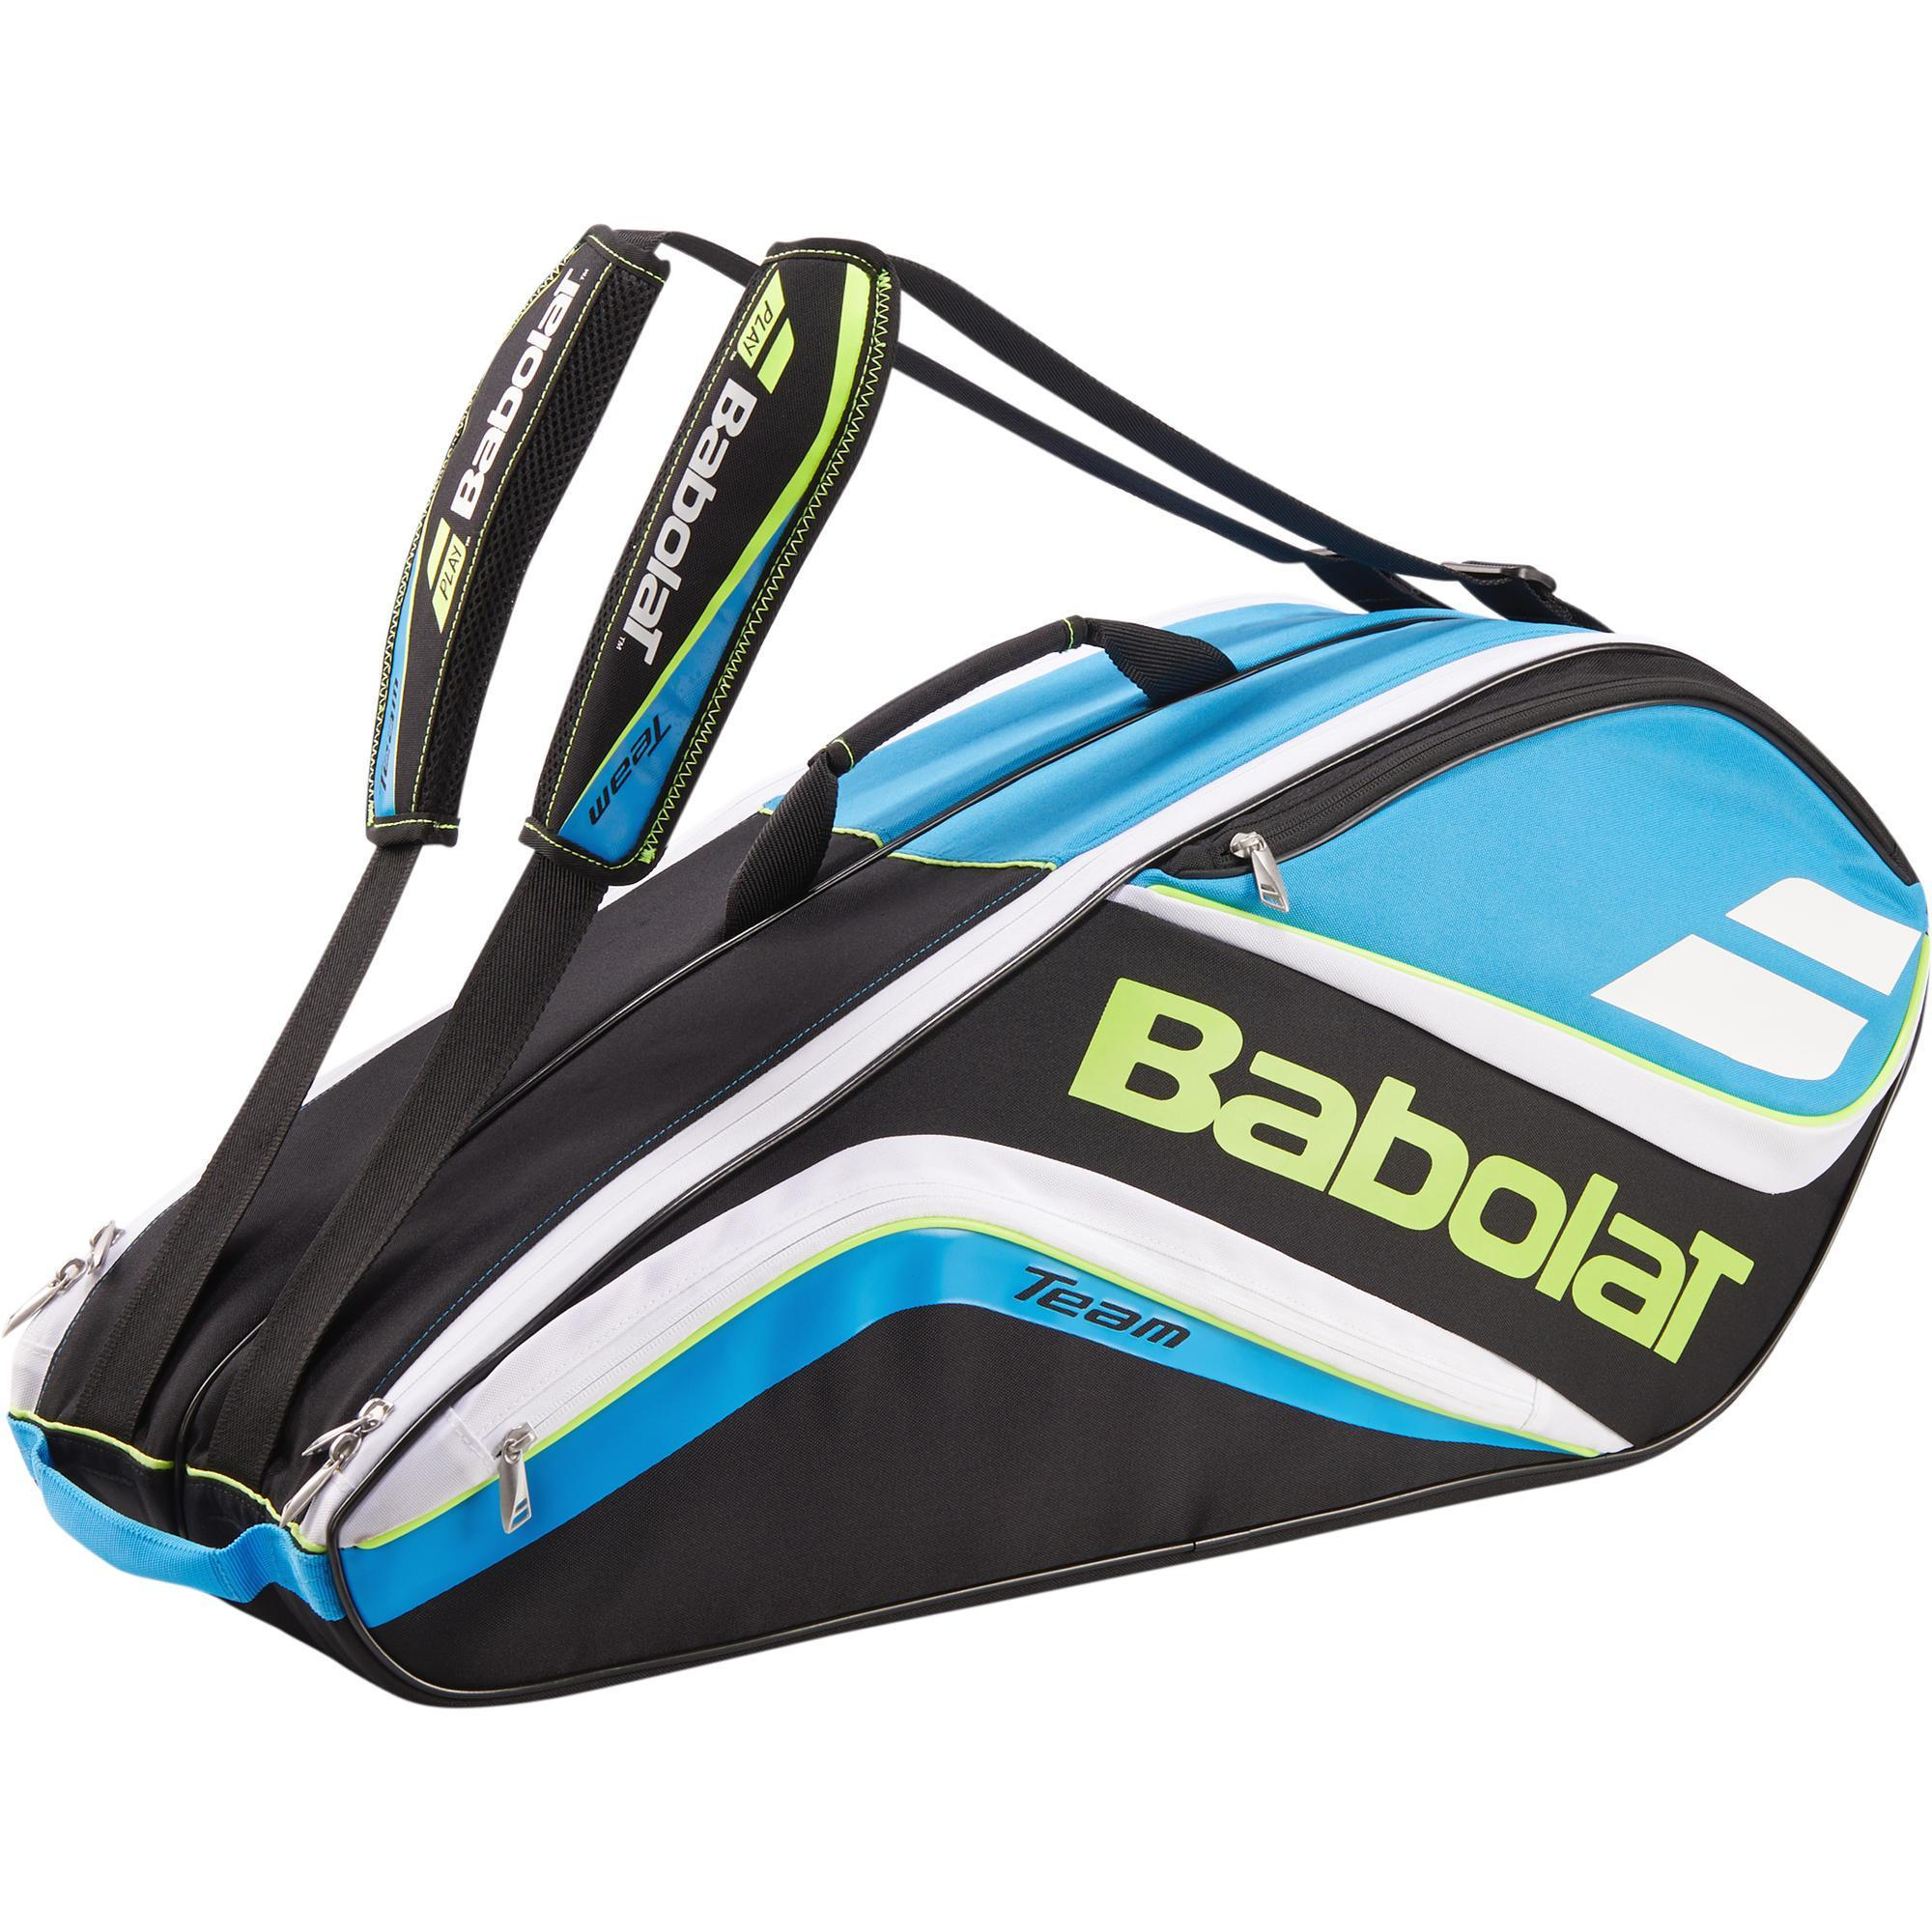 Comprar Comprar Raqueteros y Mochilas de Tenis online I Decatlhon 7b25b1f12099a